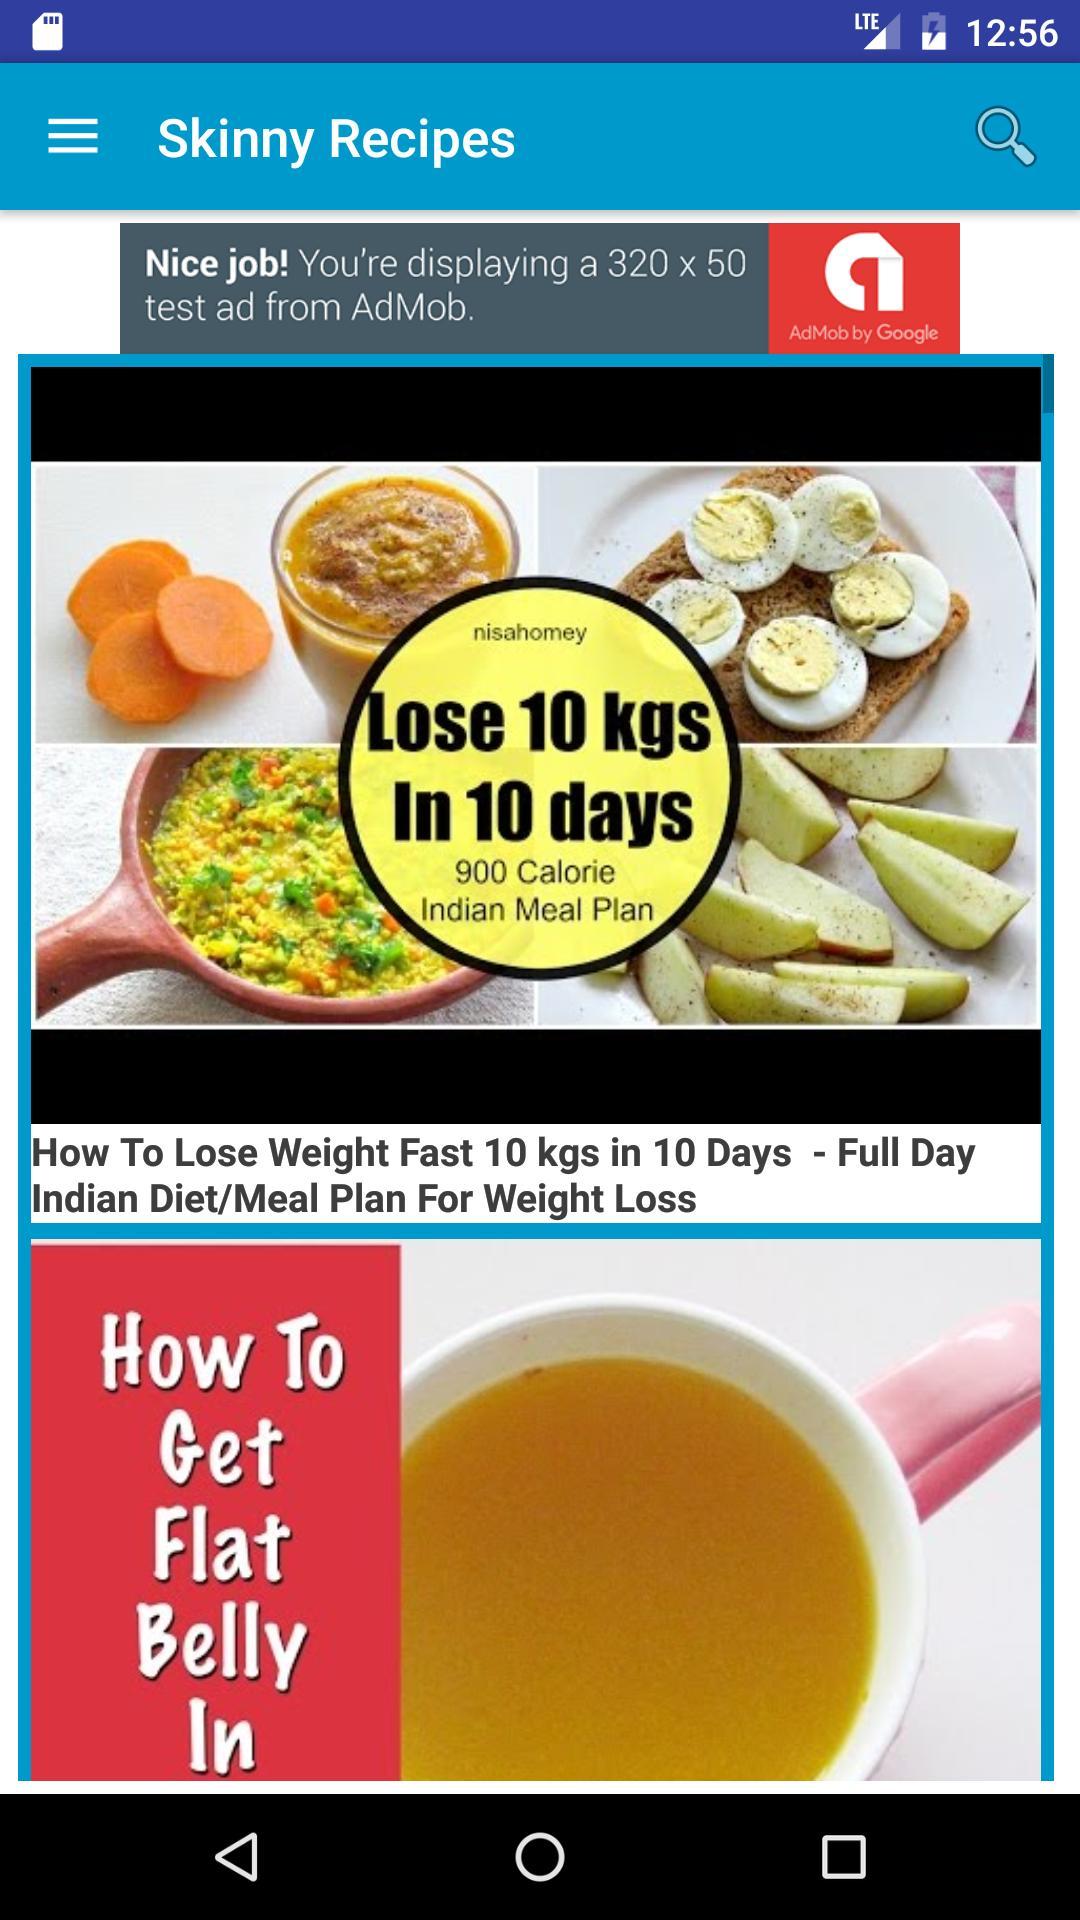 900 Calorie Diet Indian body building tips & tricks für android - apk herunterladen